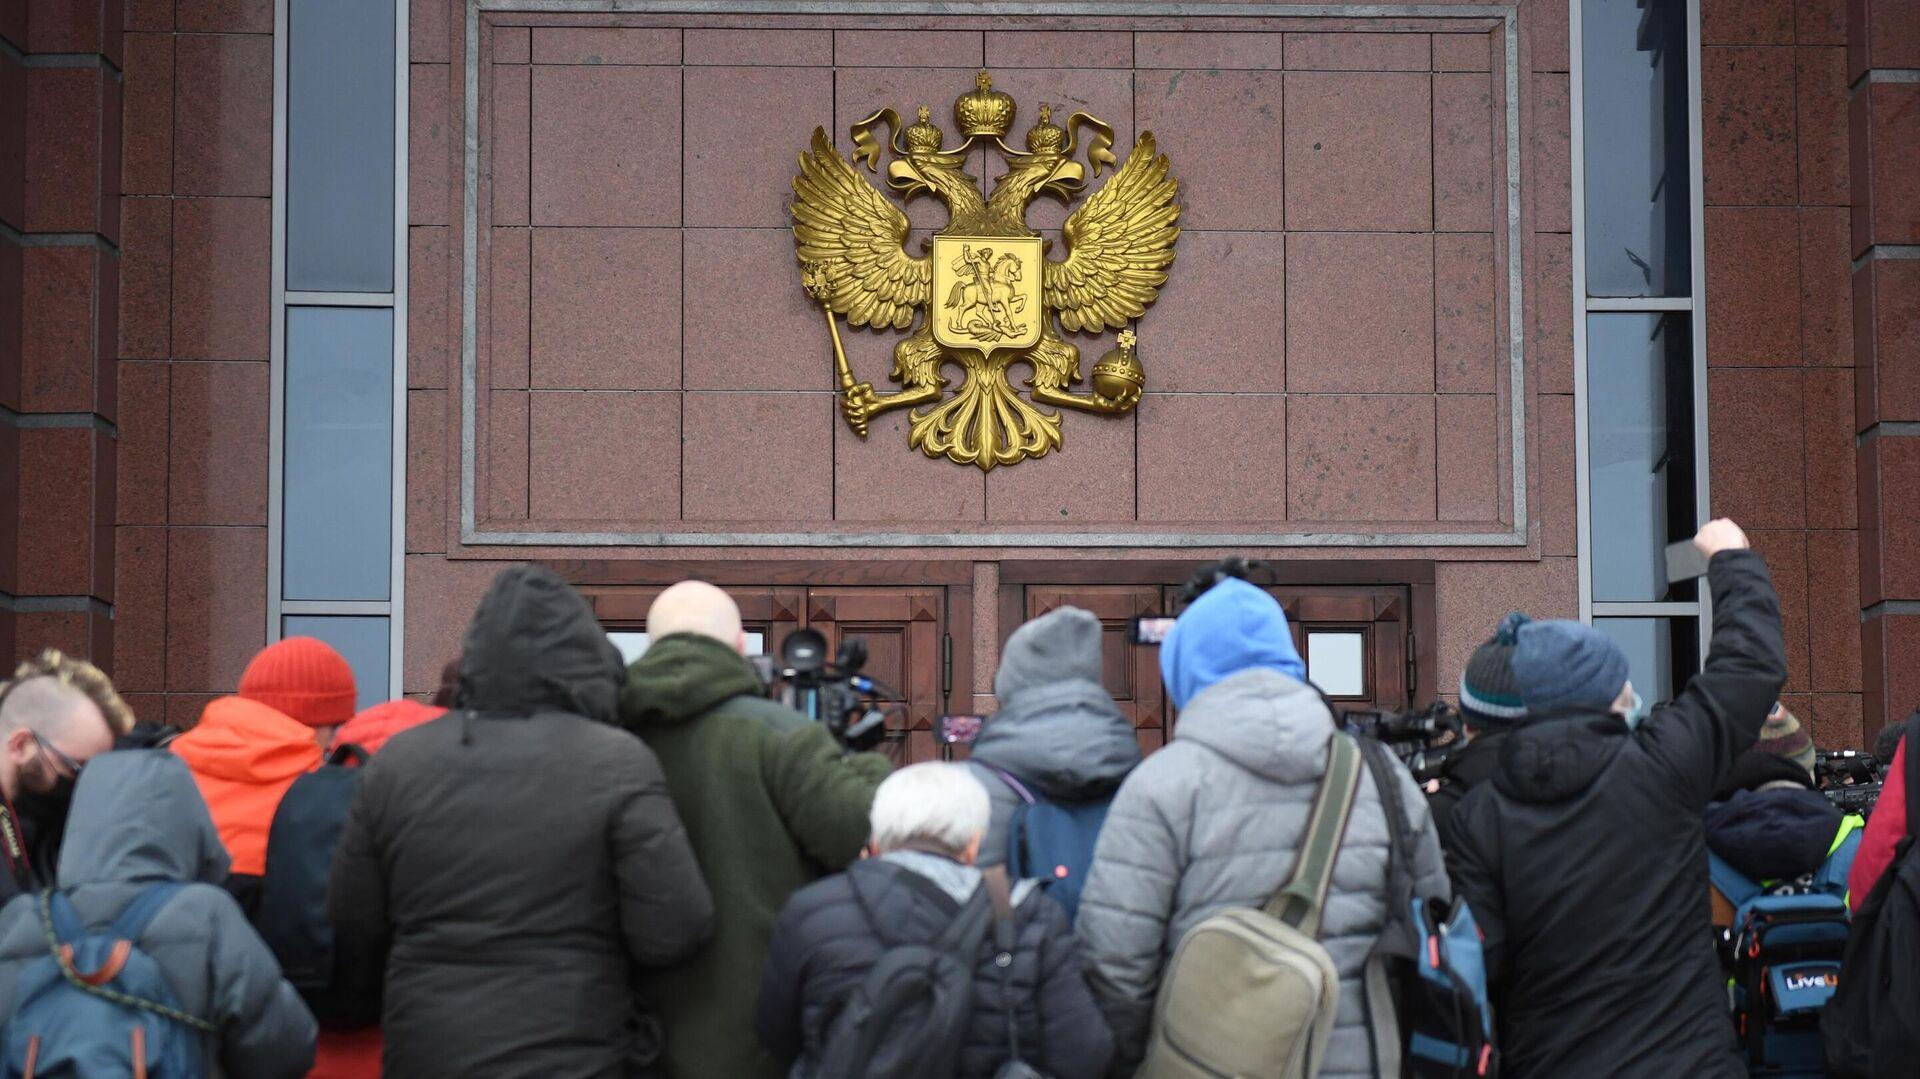 Журналисты у здания Московского областного суда, где рассматривалась жалоба на арест Алексея Навального - РИА Новости, 1920, 08.02.2021